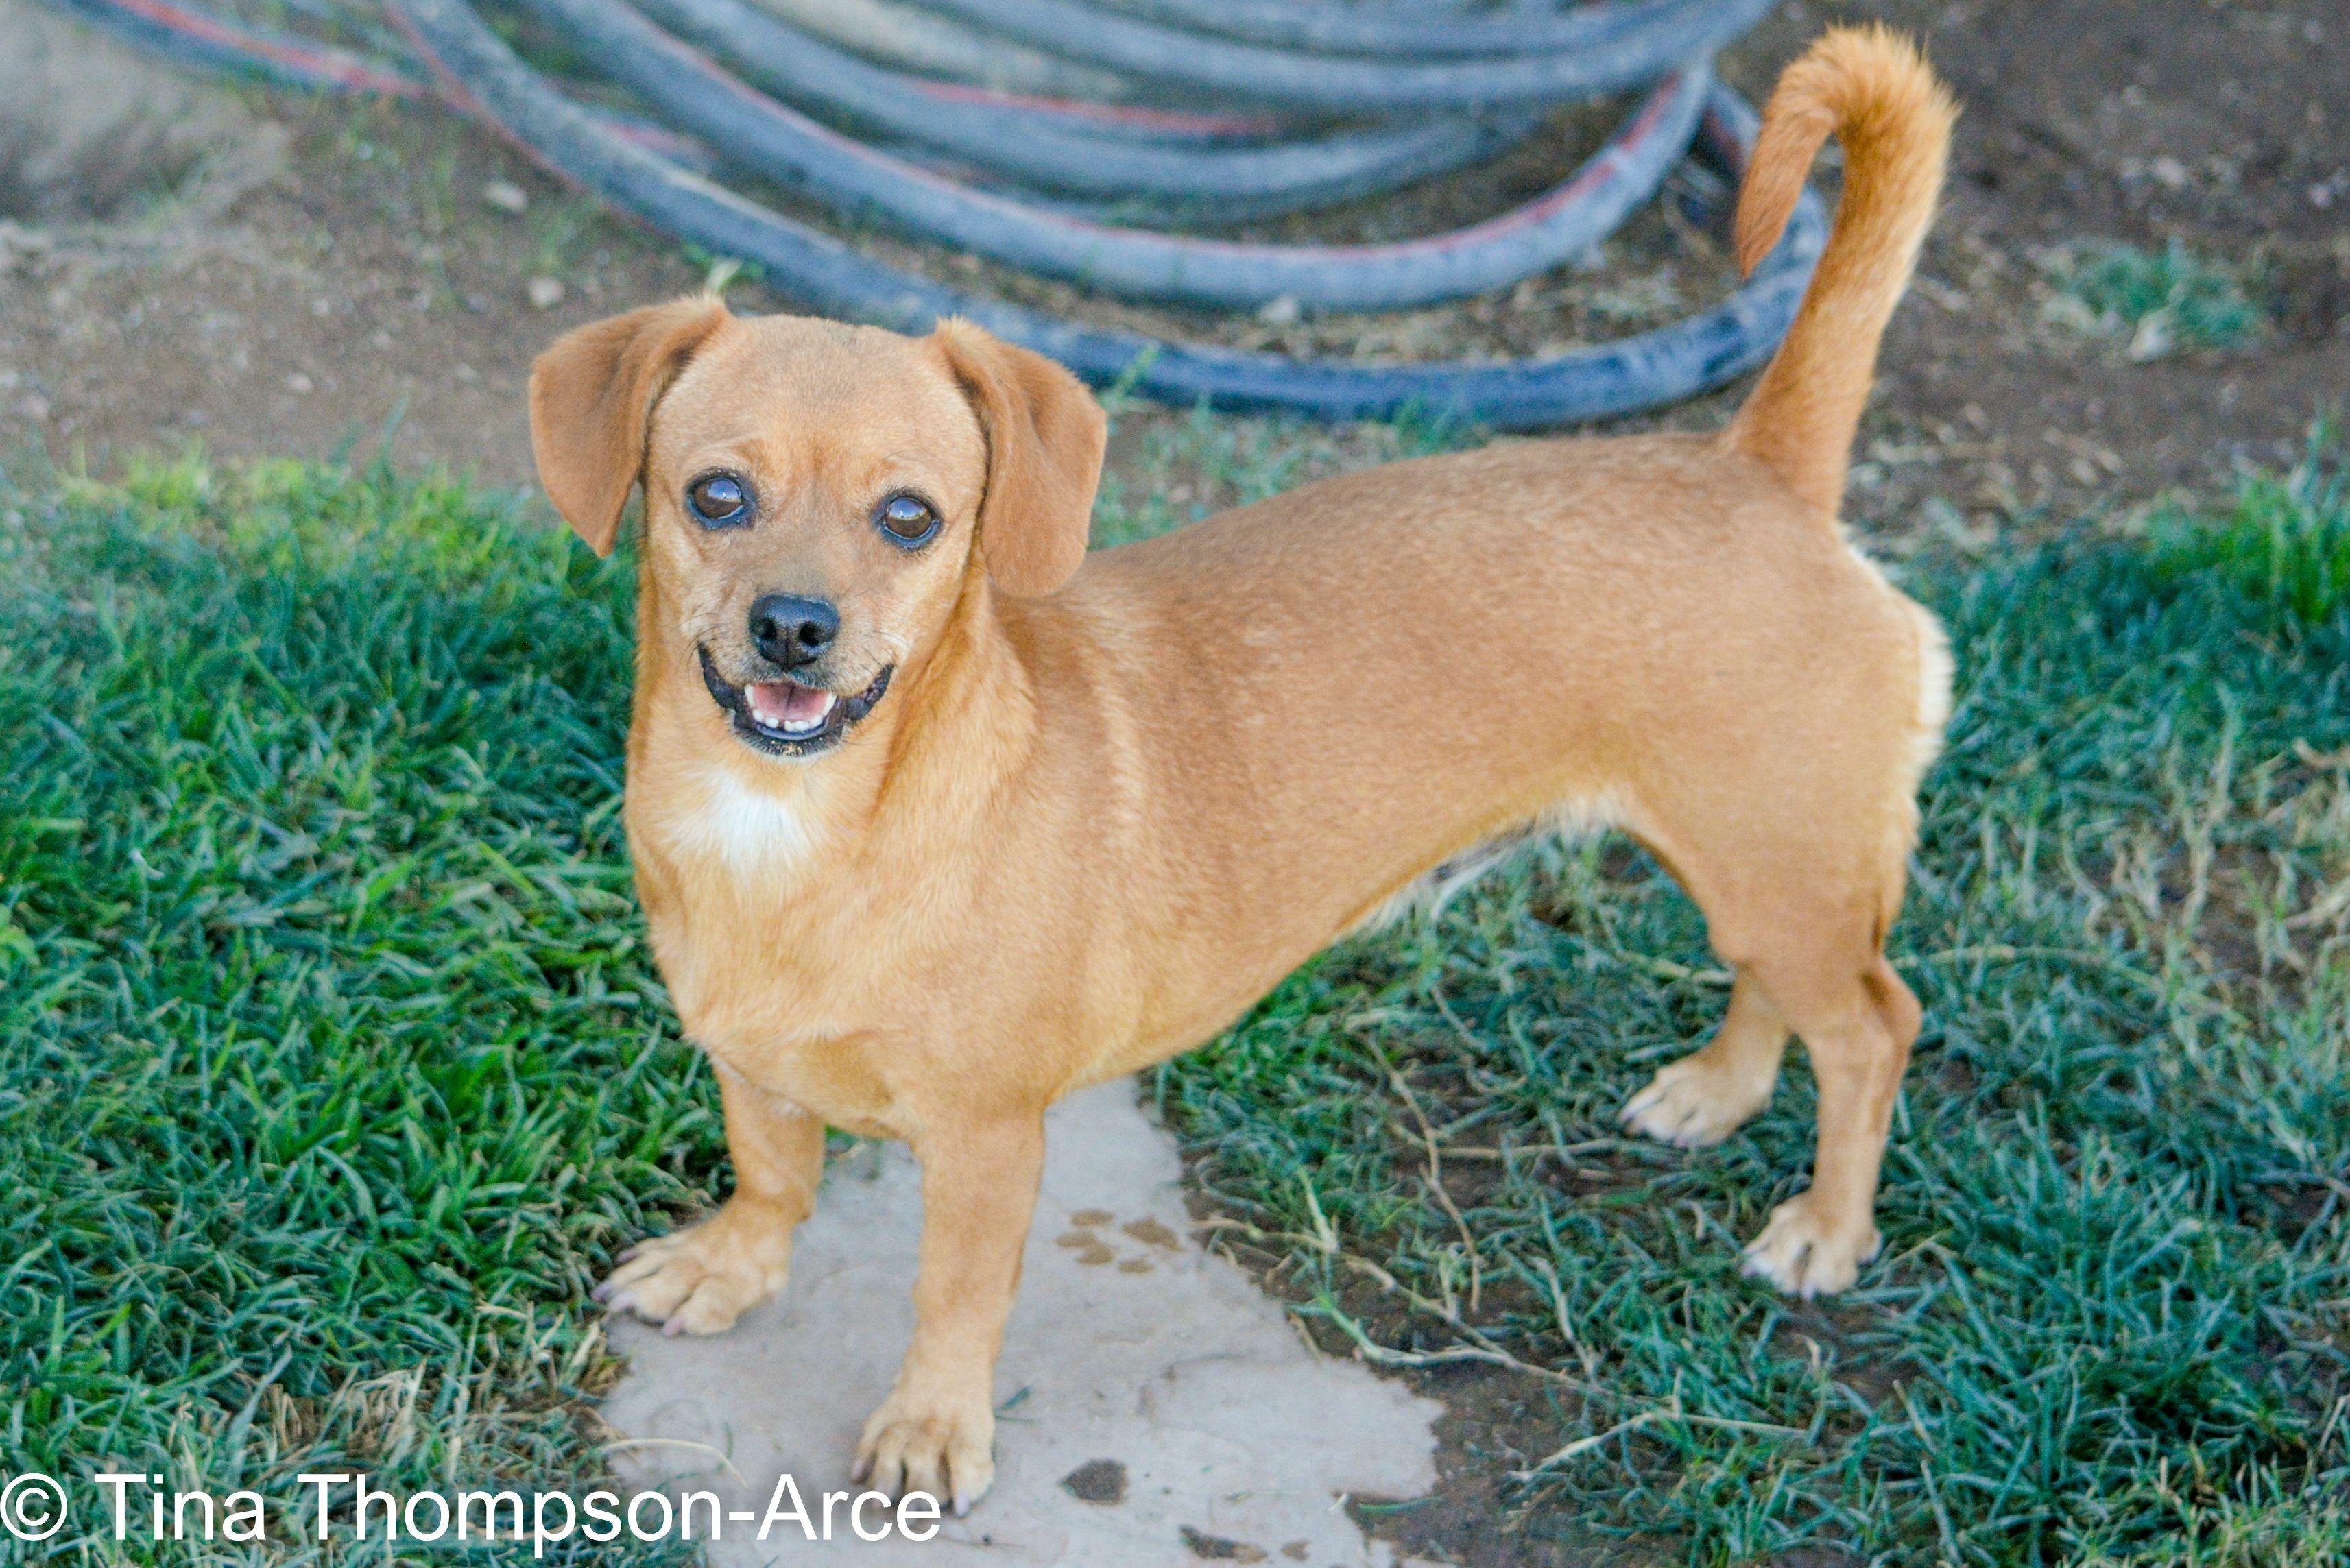 Daug Dog For Adoption In Hesperia Ca Adn 698072 On Puppyfinder